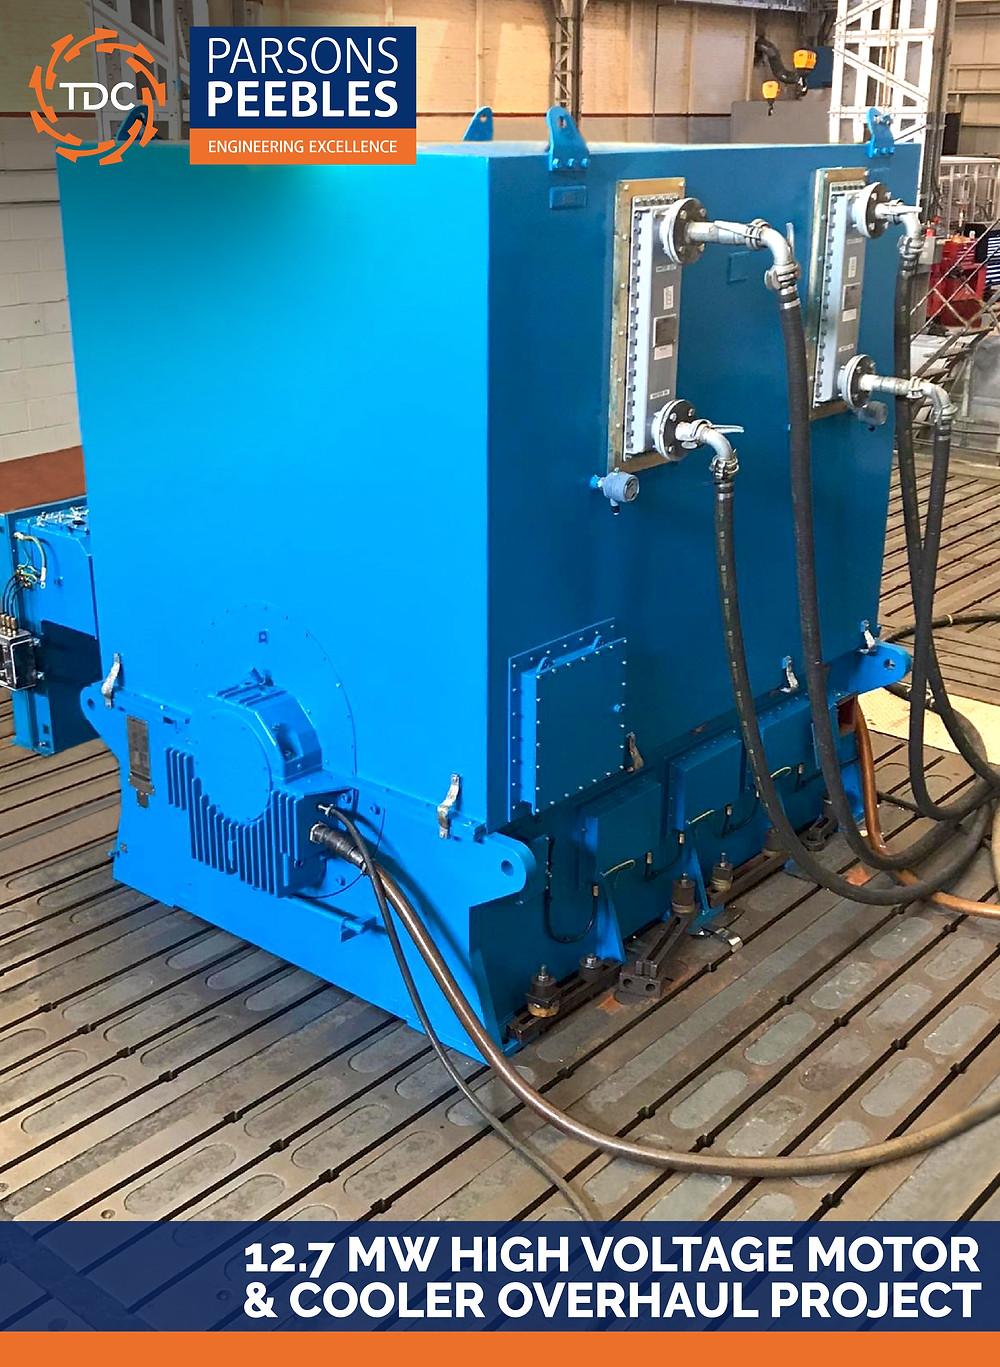 12.7 MW High Voltage Motor & Cooler